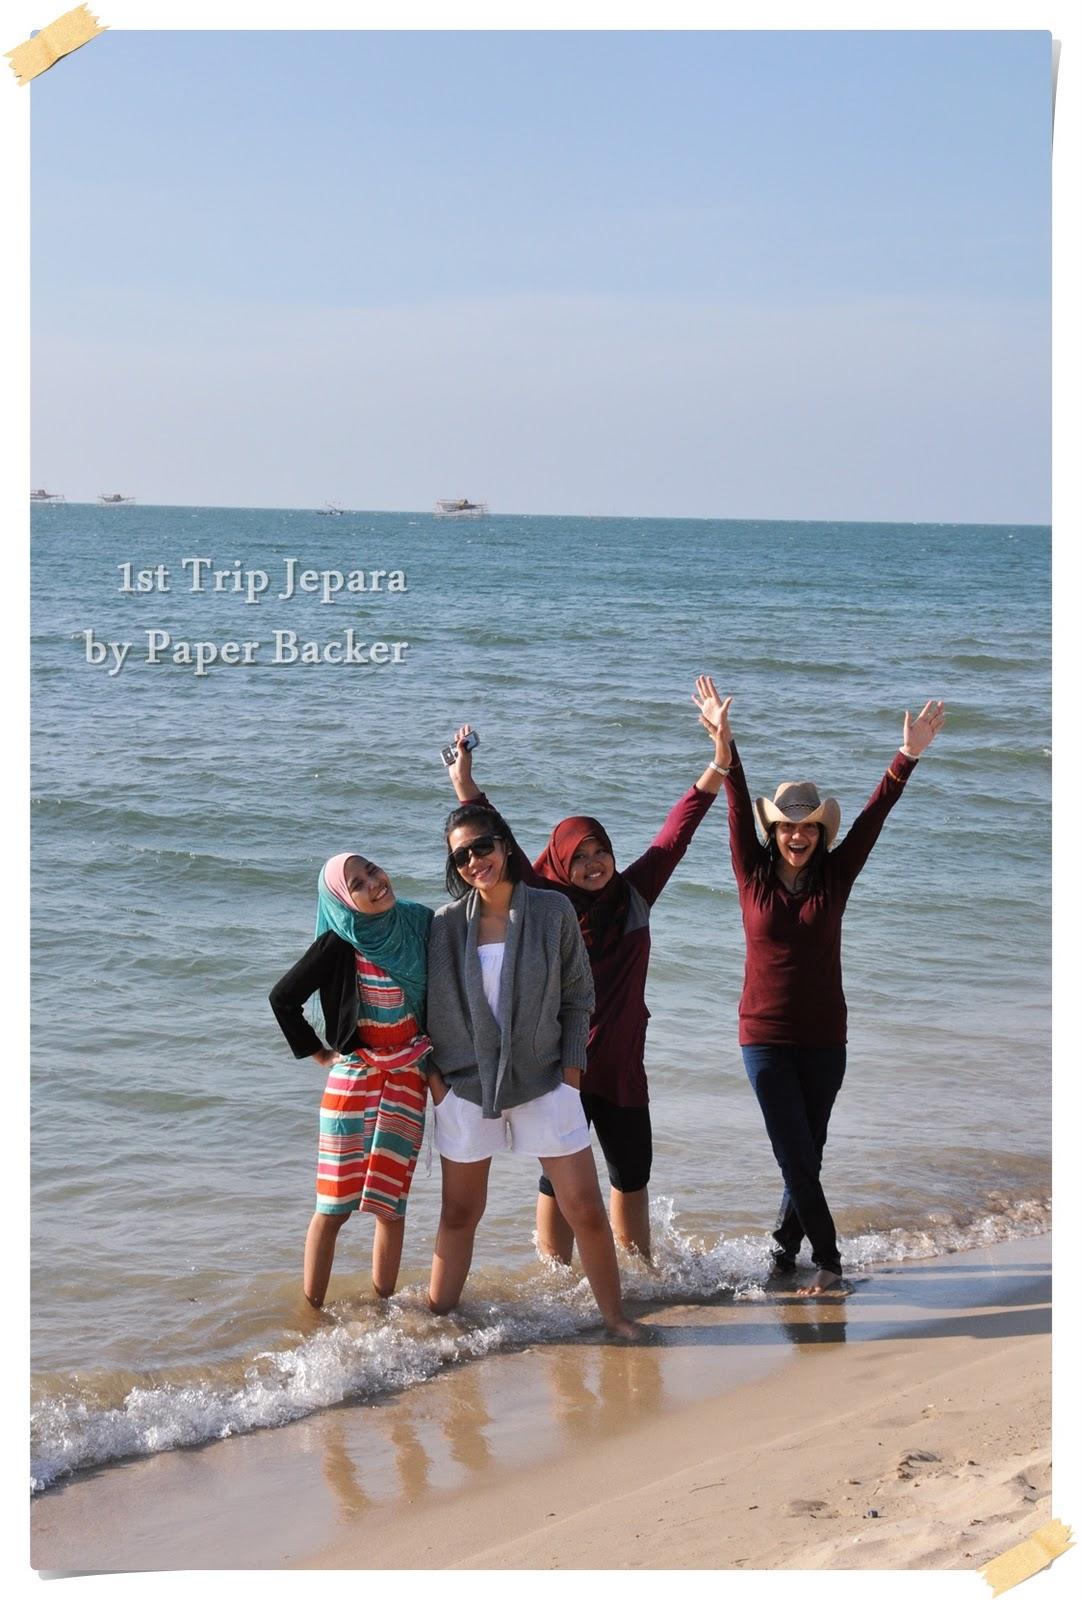 Pantai Bondo Jepara : pantai, bondo, jepara, PaperBacker:, Pantai, Bondo,, Jepara